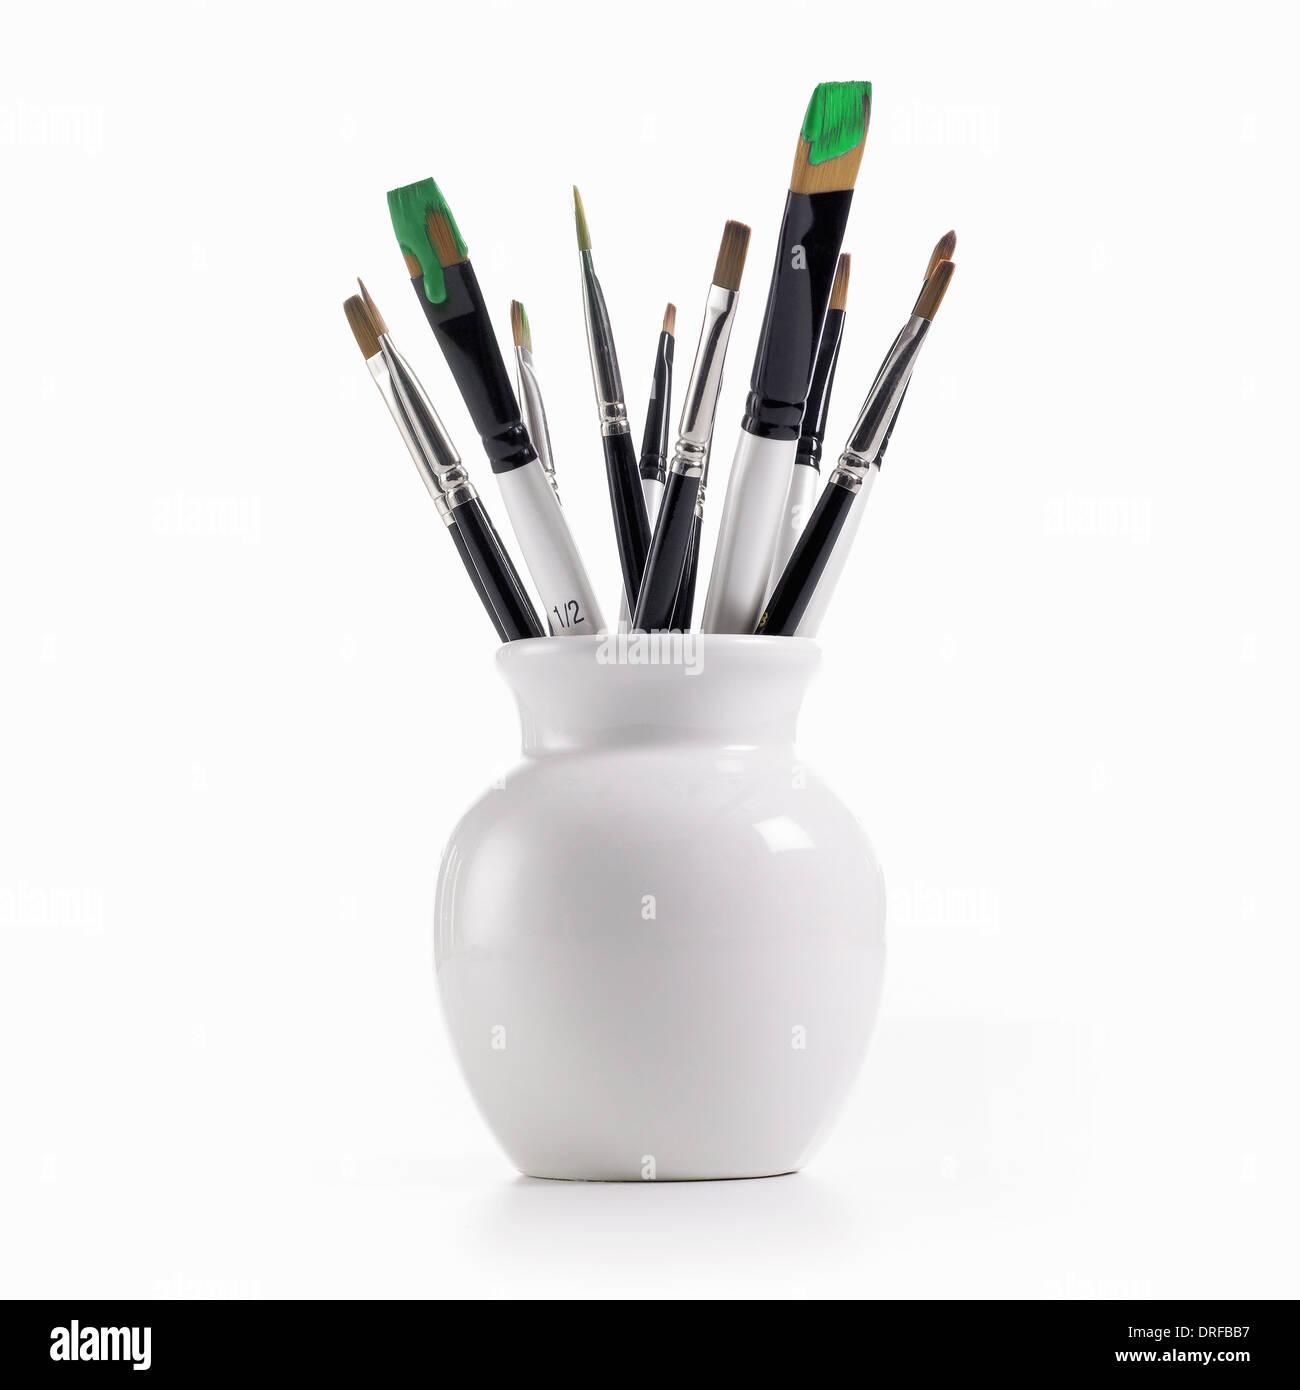 Porcellana Bianca pot pennelli caricato della vernice verde Immagini Stock